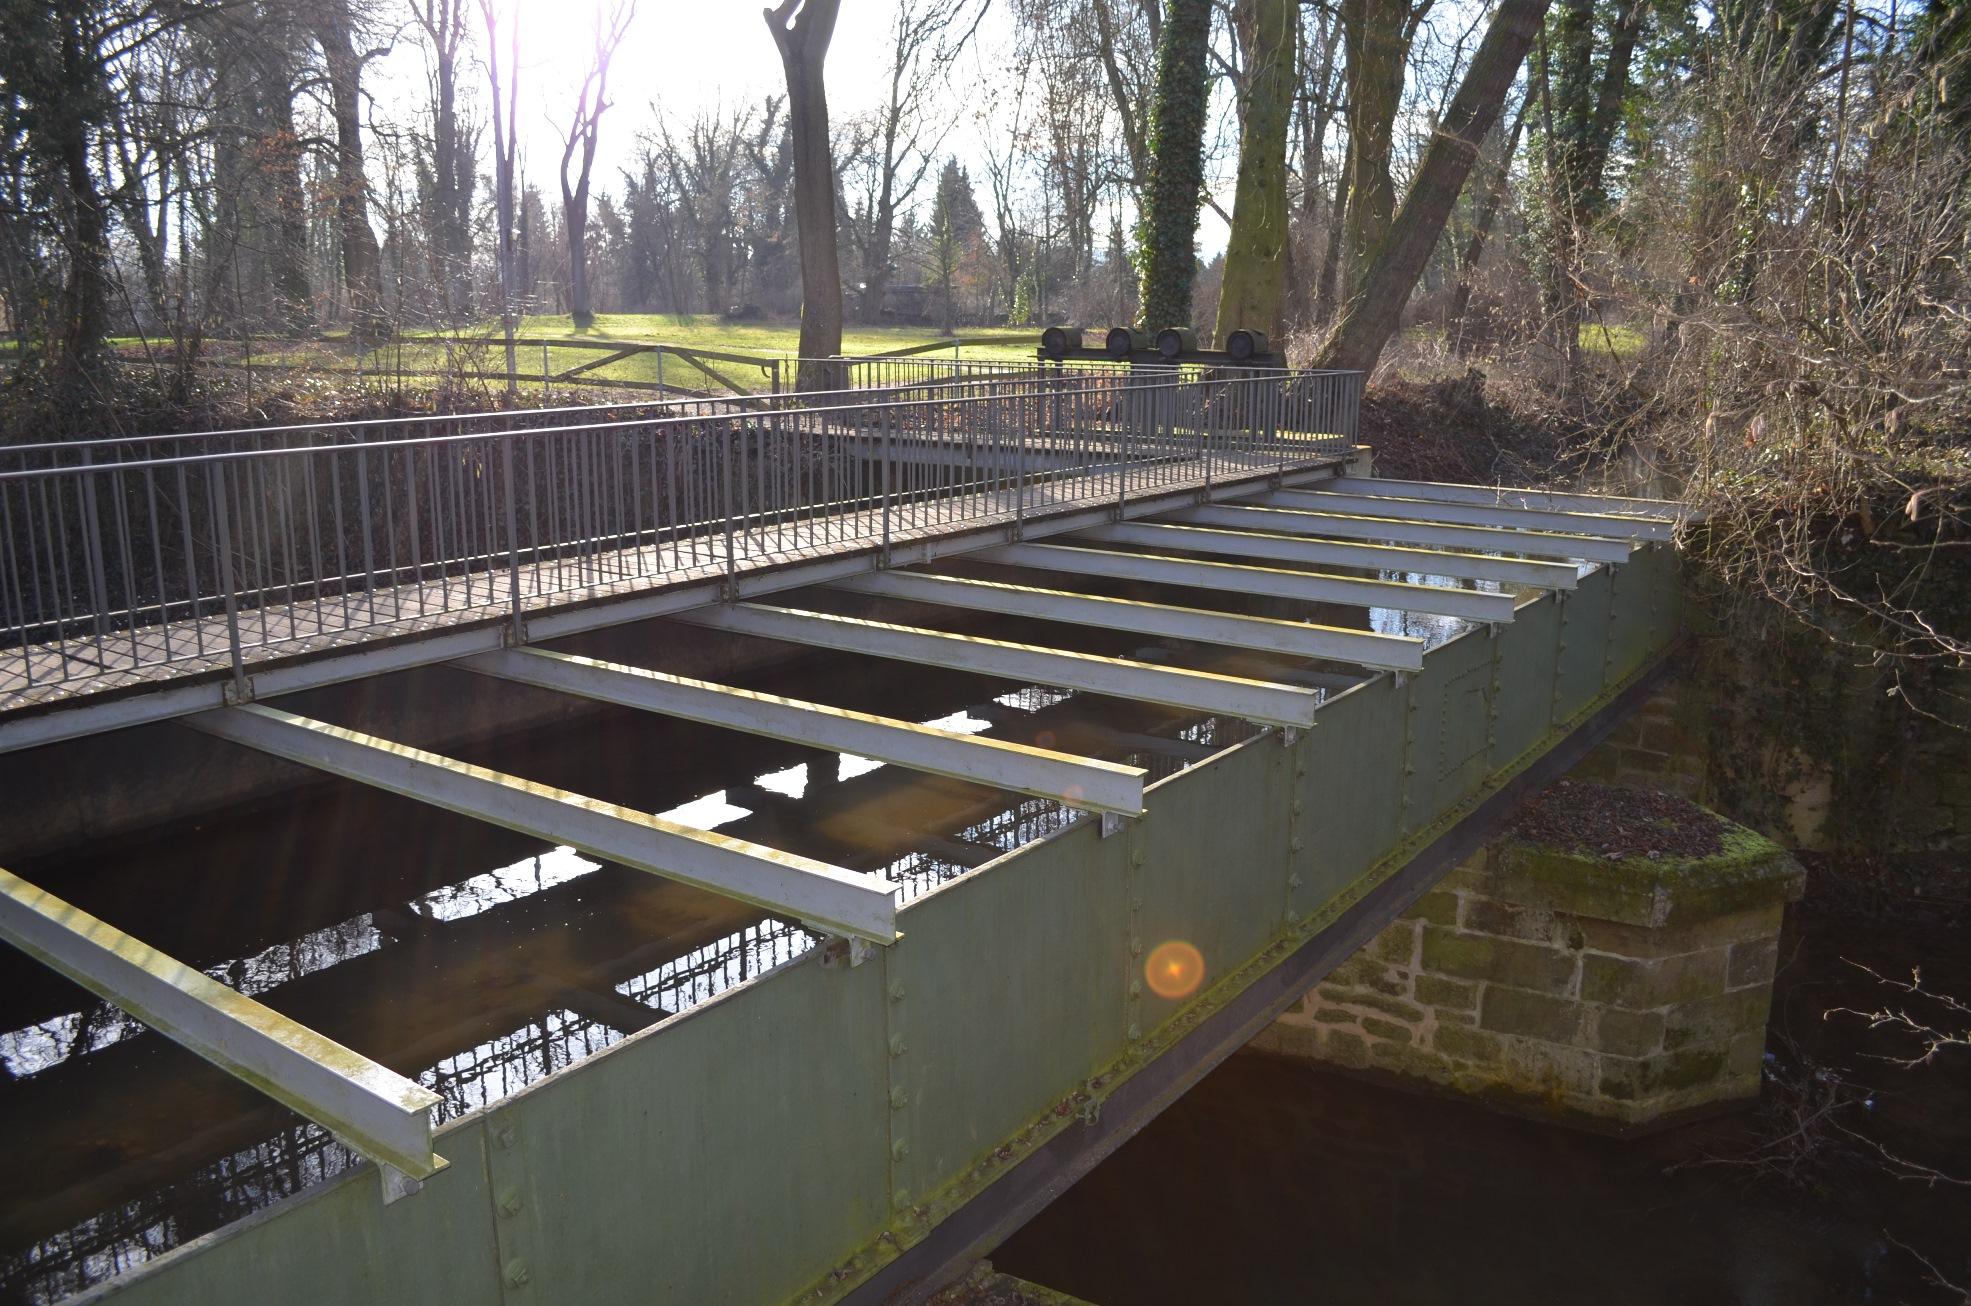 Trogbrücke des Mühlenkanals über das Krumme Wasser (Aufnahme bei Hochwasser im Januar 2011)